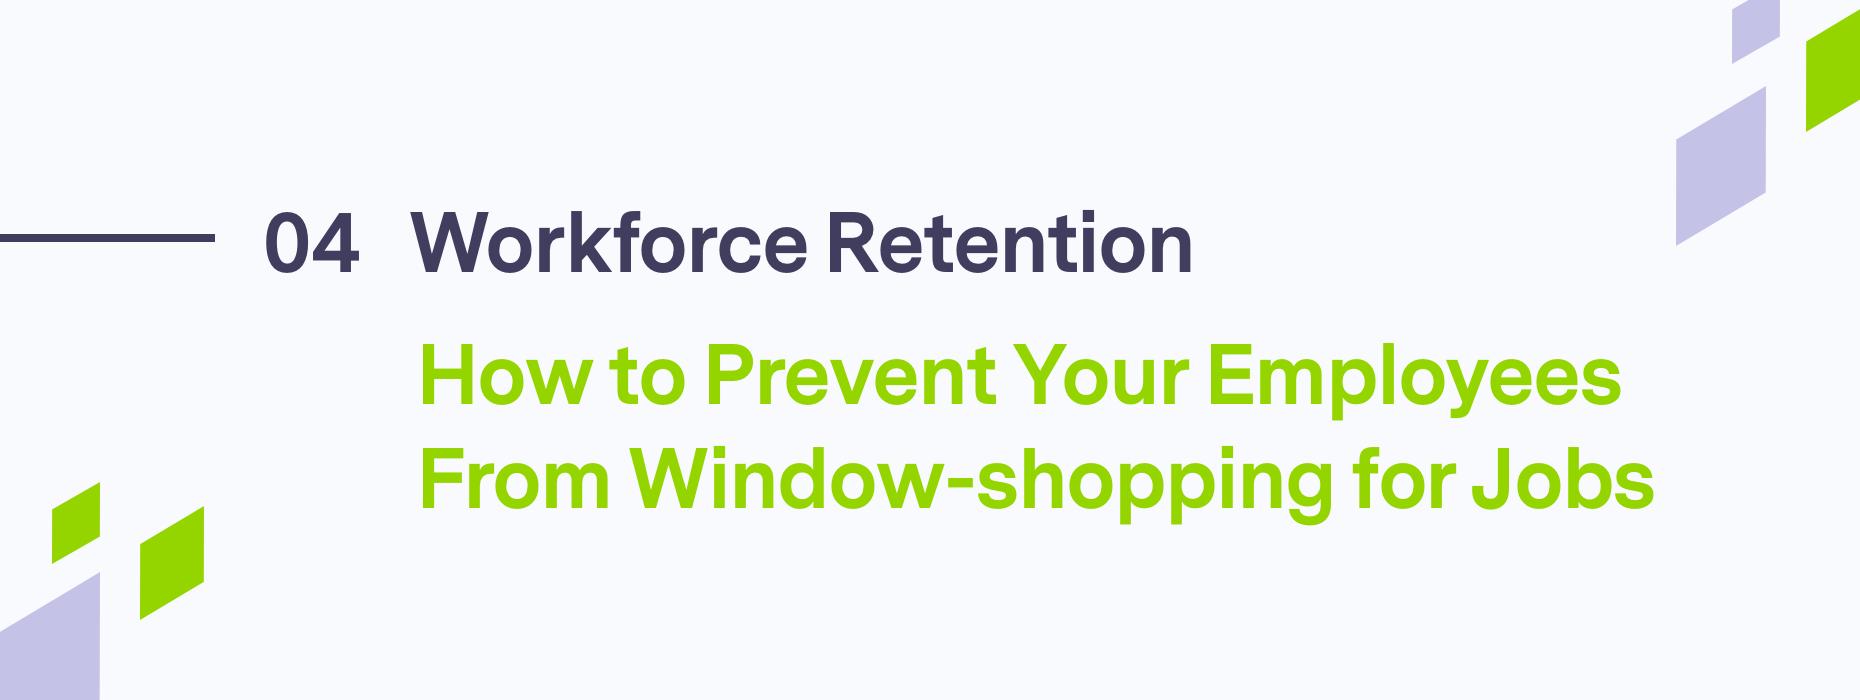 Blog header on Workforce Retention